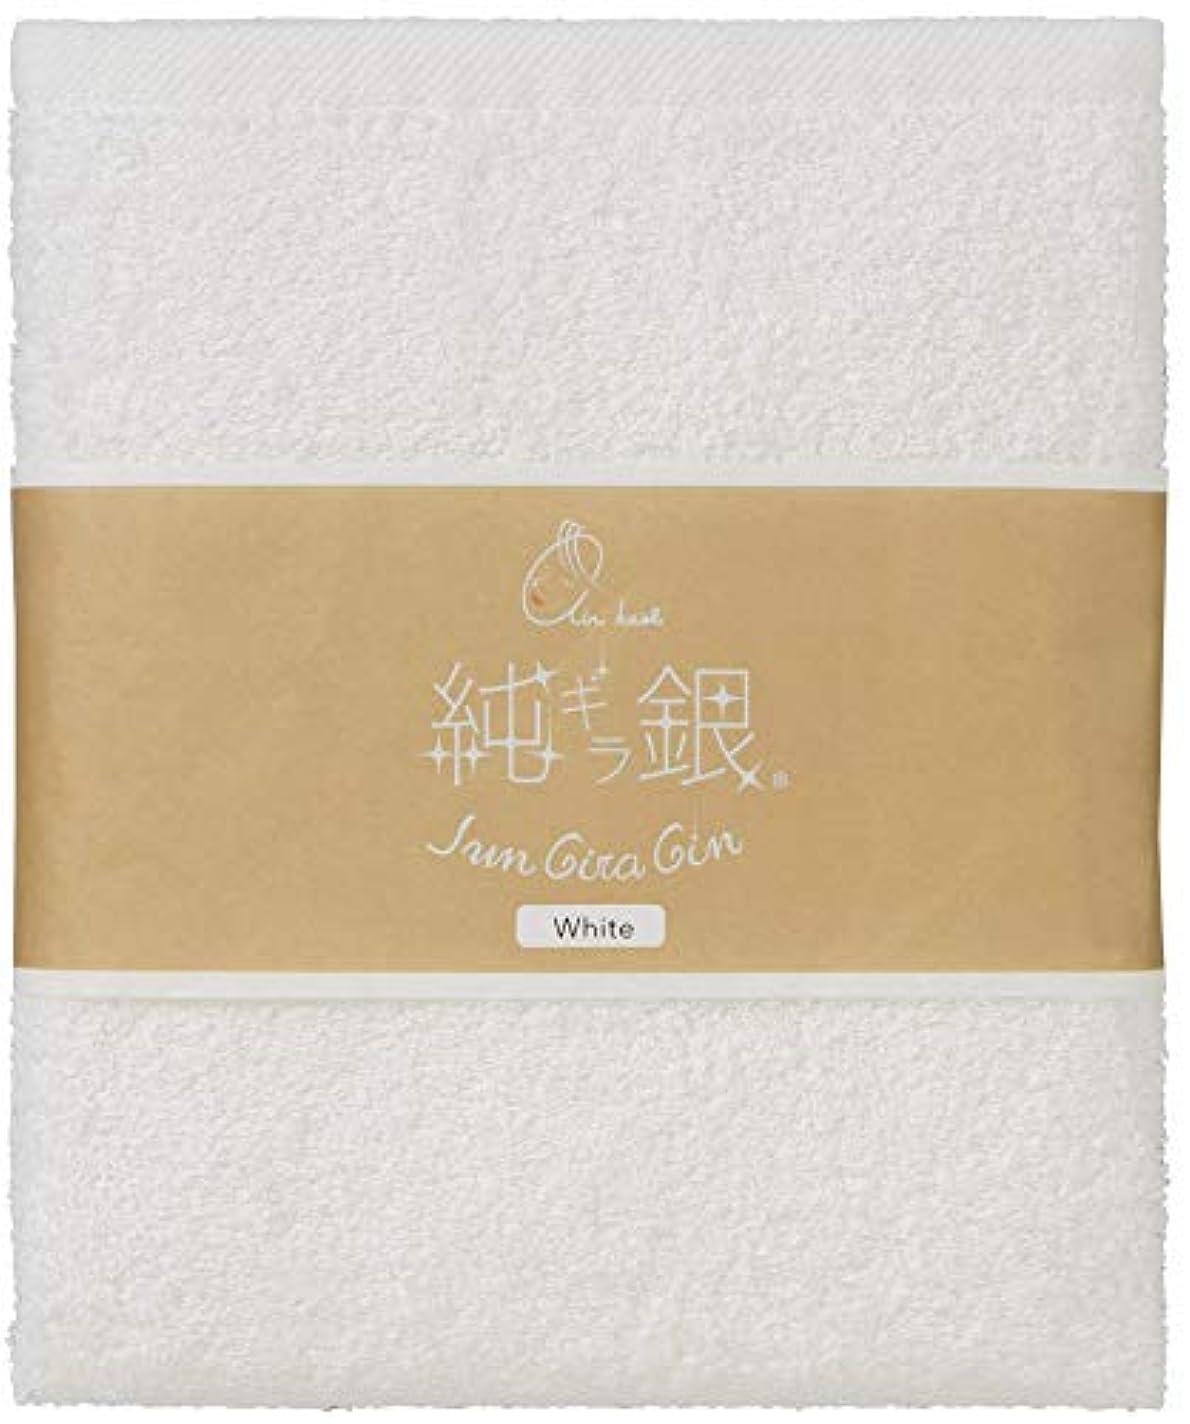 ホイストオリエント縞模様のエアーかおる 純ギラ銀 バスタオル ホワイト